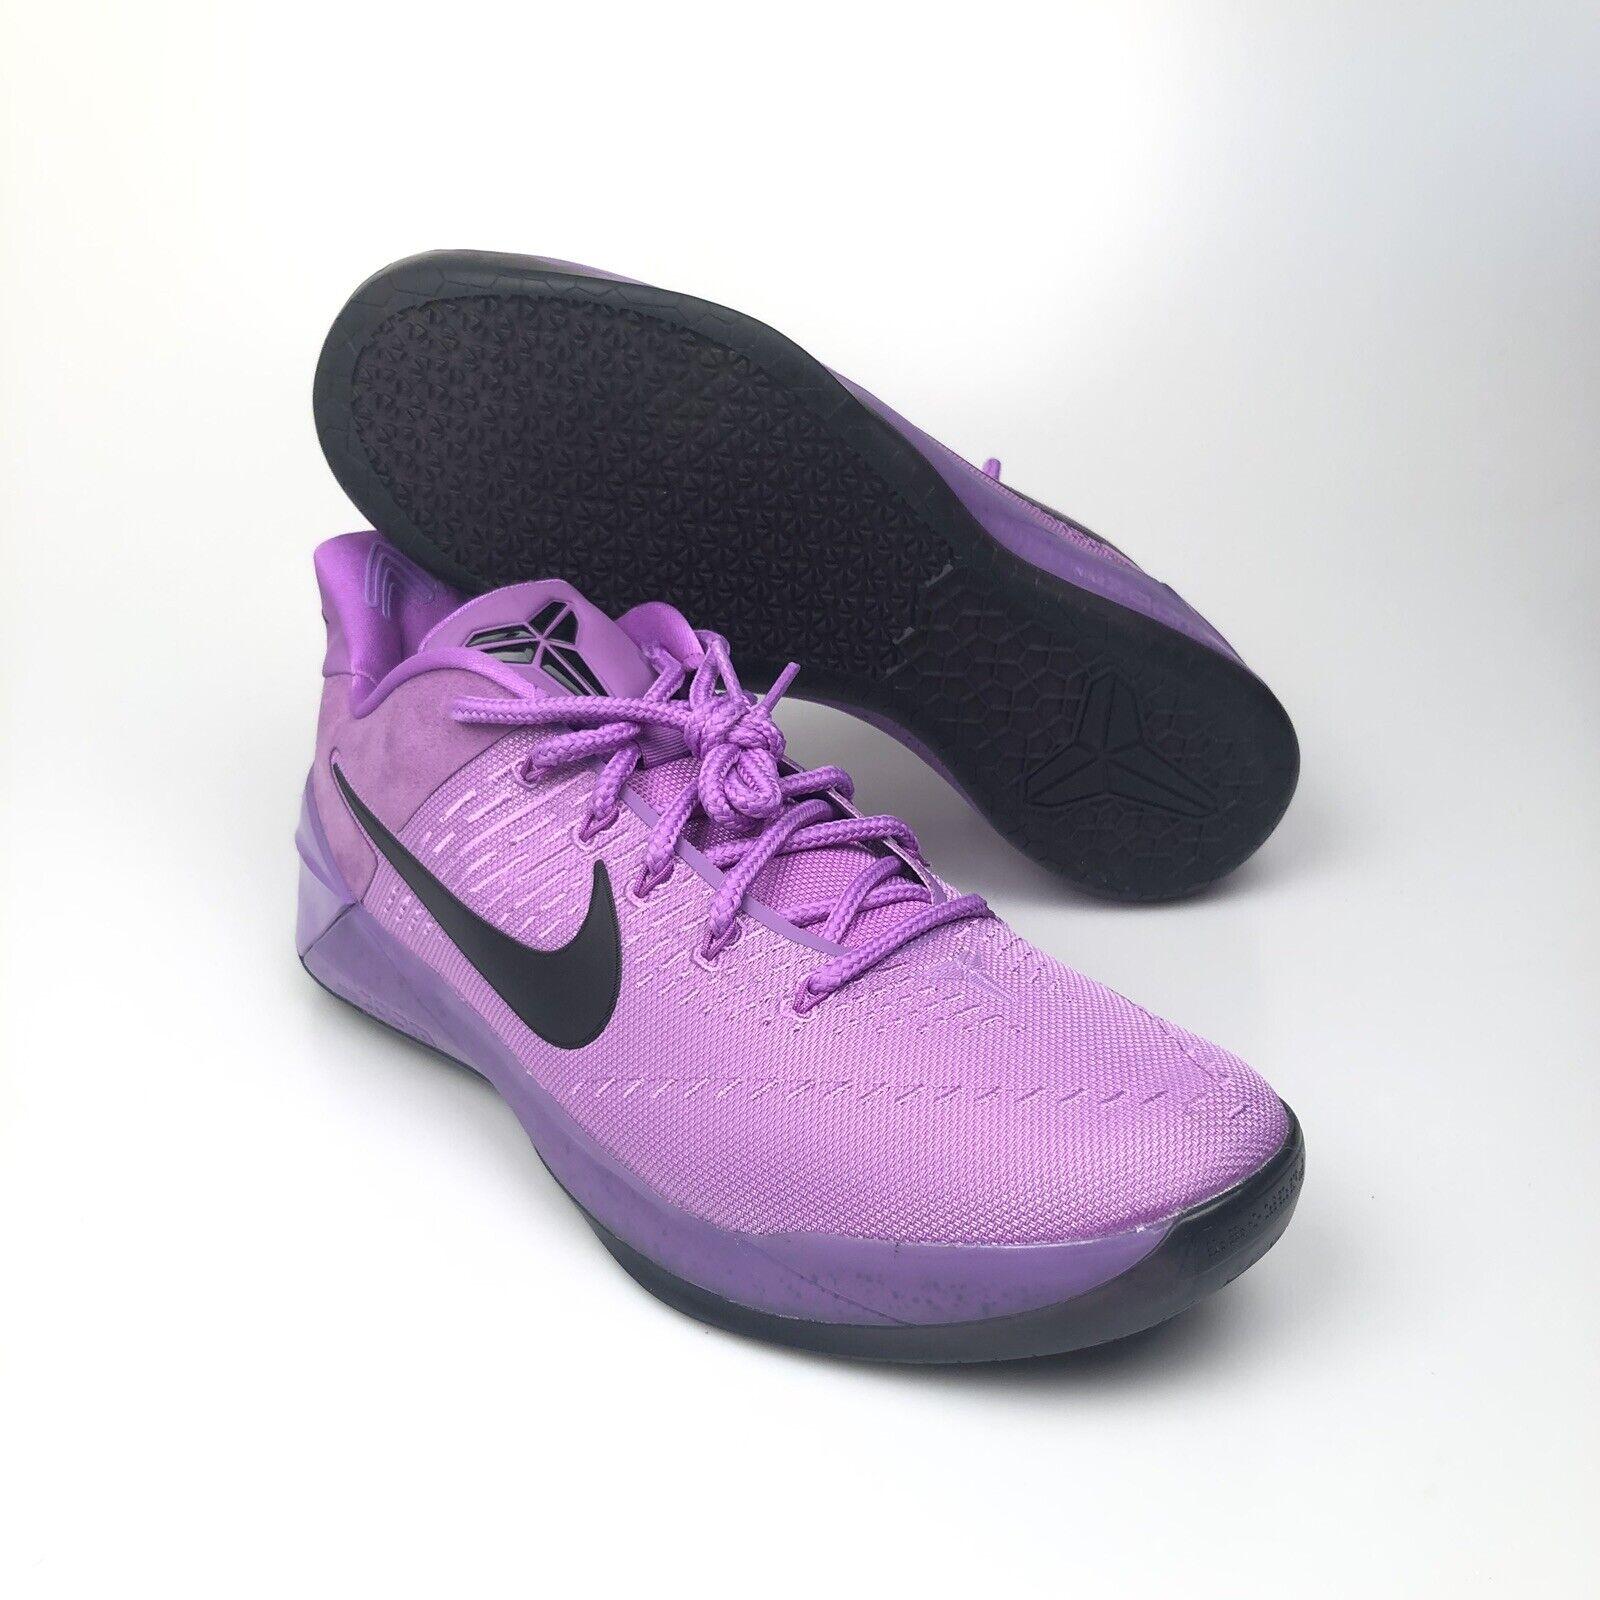 online store 07786 add12 Nike Kobe A.D. Purple Stardust Stardust Stardust Basketball shoes  (852425-500) Size 18